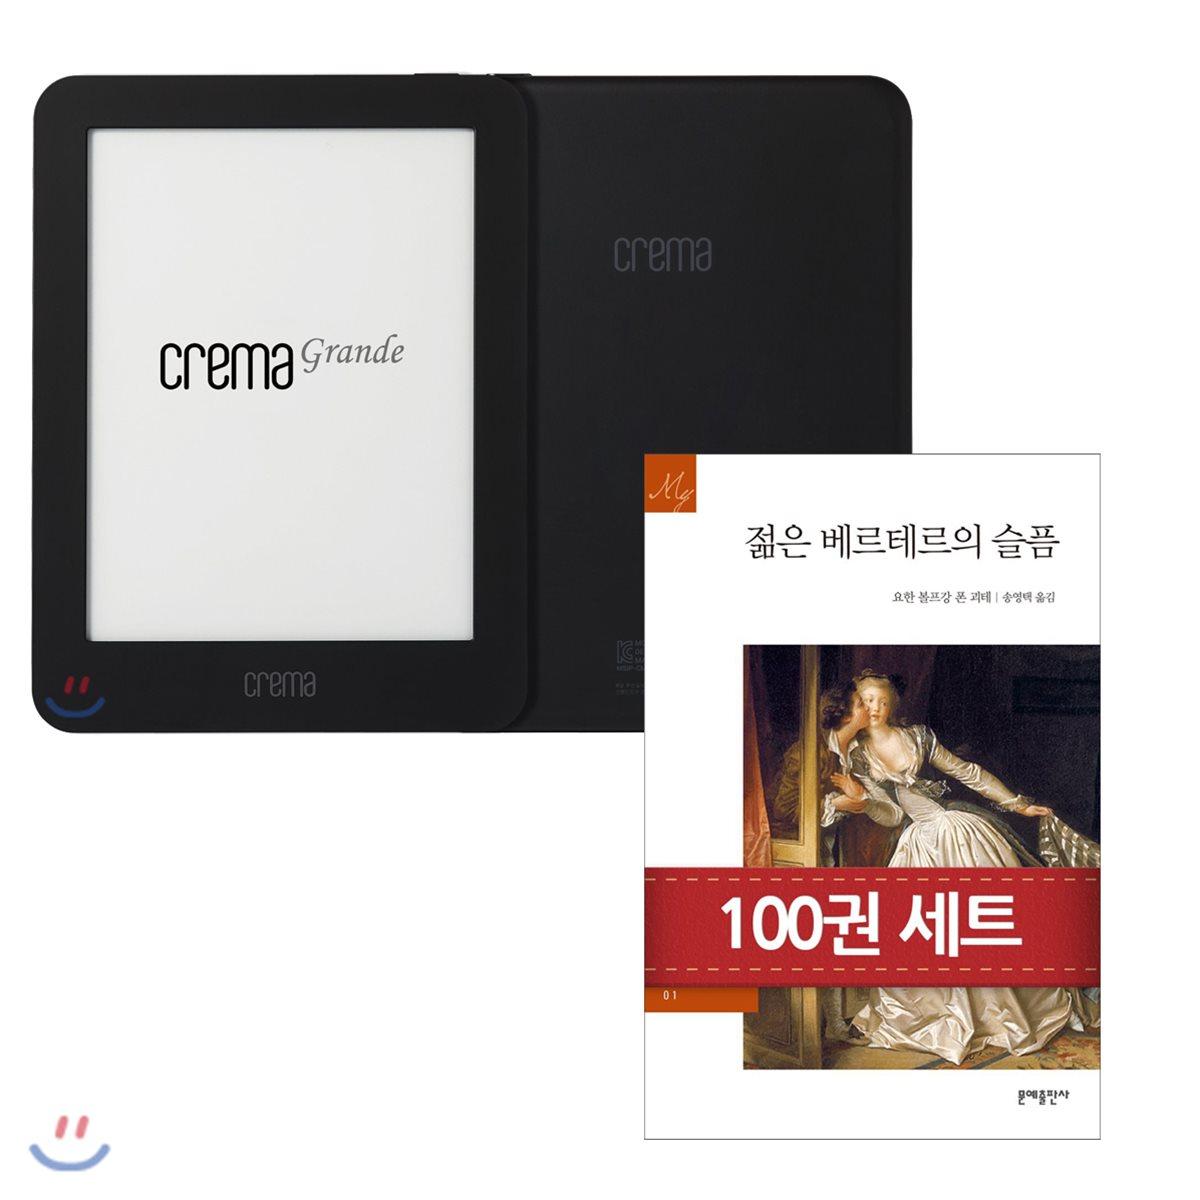 예스24 크레마 그랑데 (crema grande) : 블랙 + 문예 세계문학 (전100권) eBook 세트